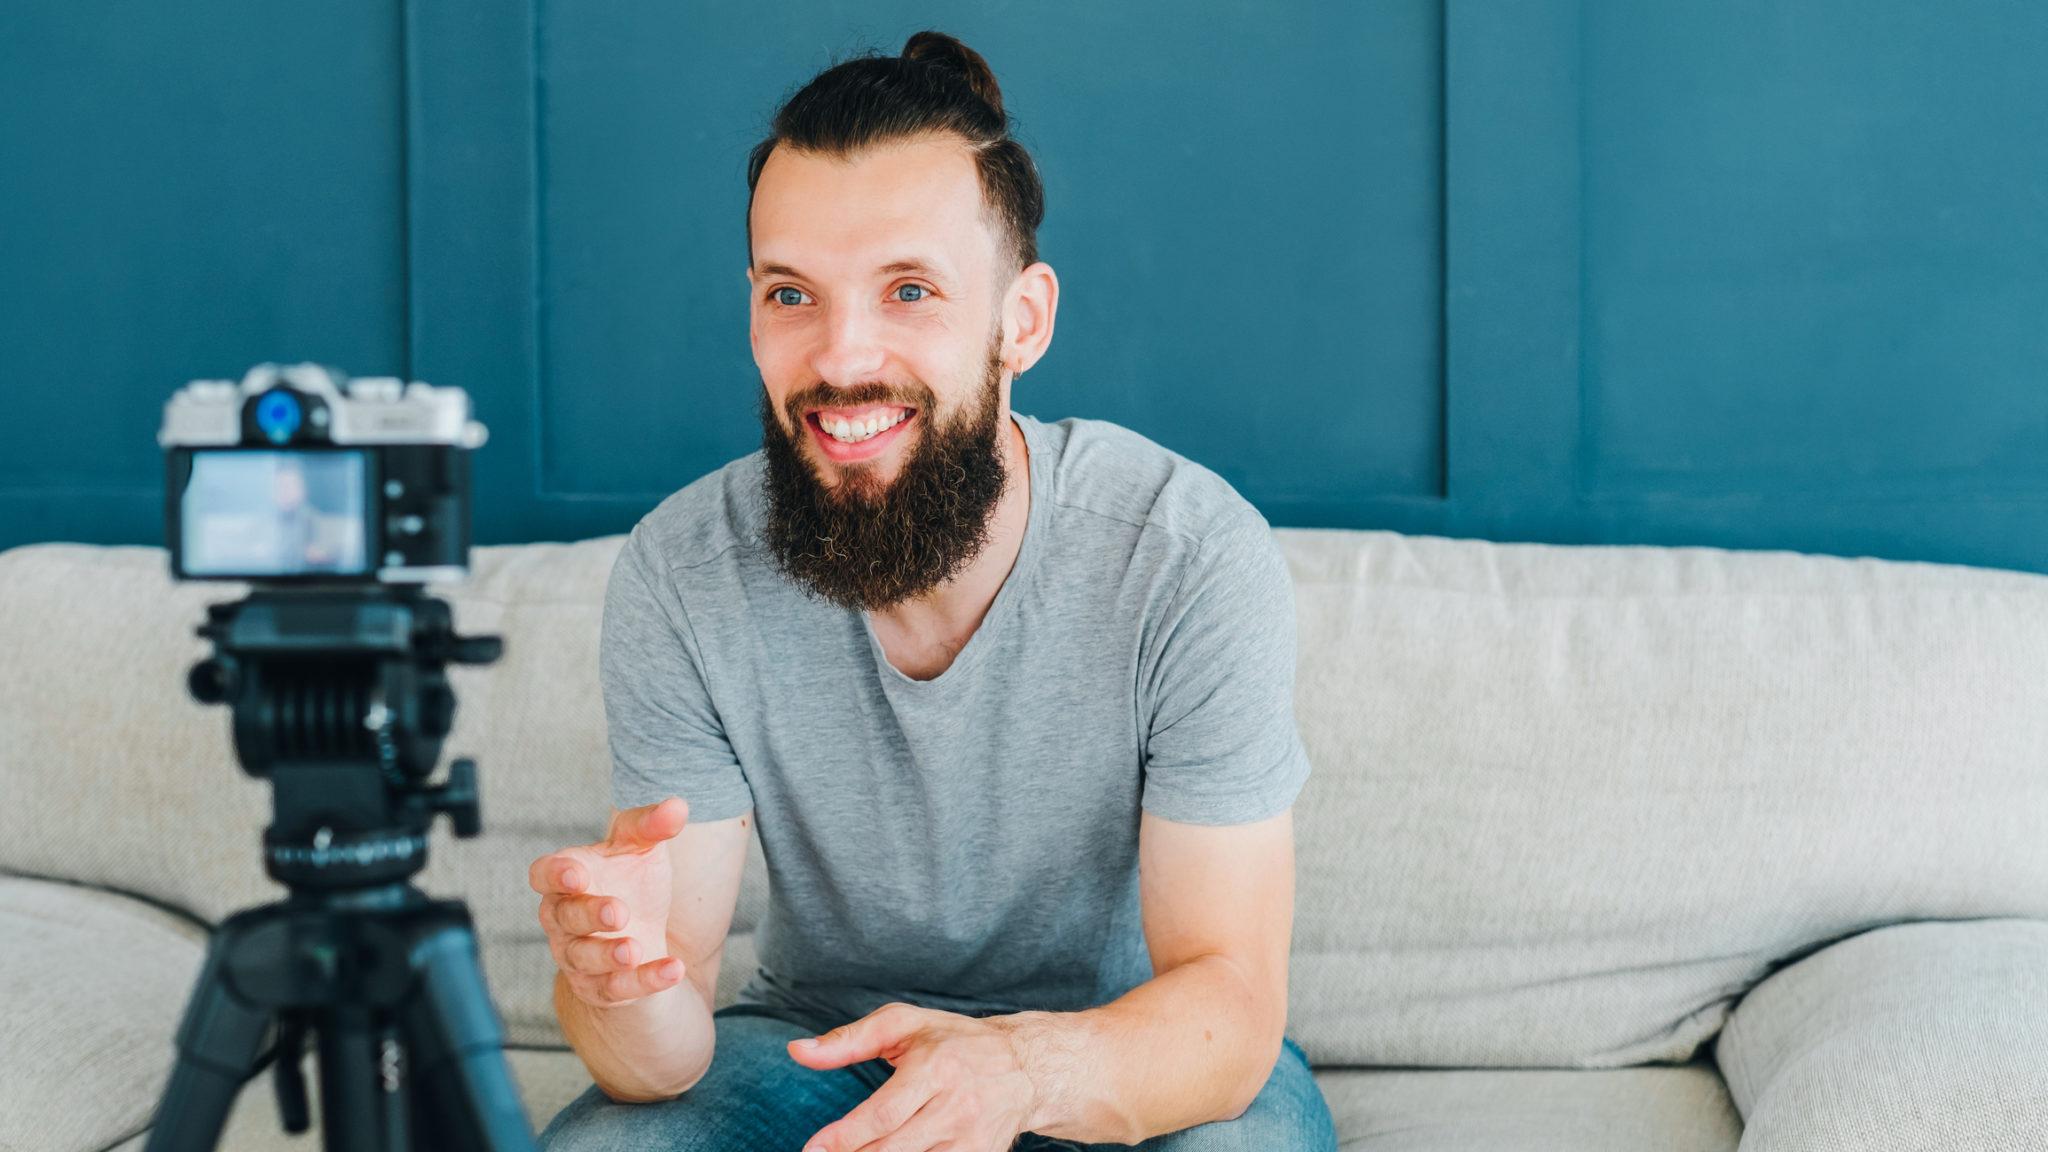 social media influencer smiling man shoot video